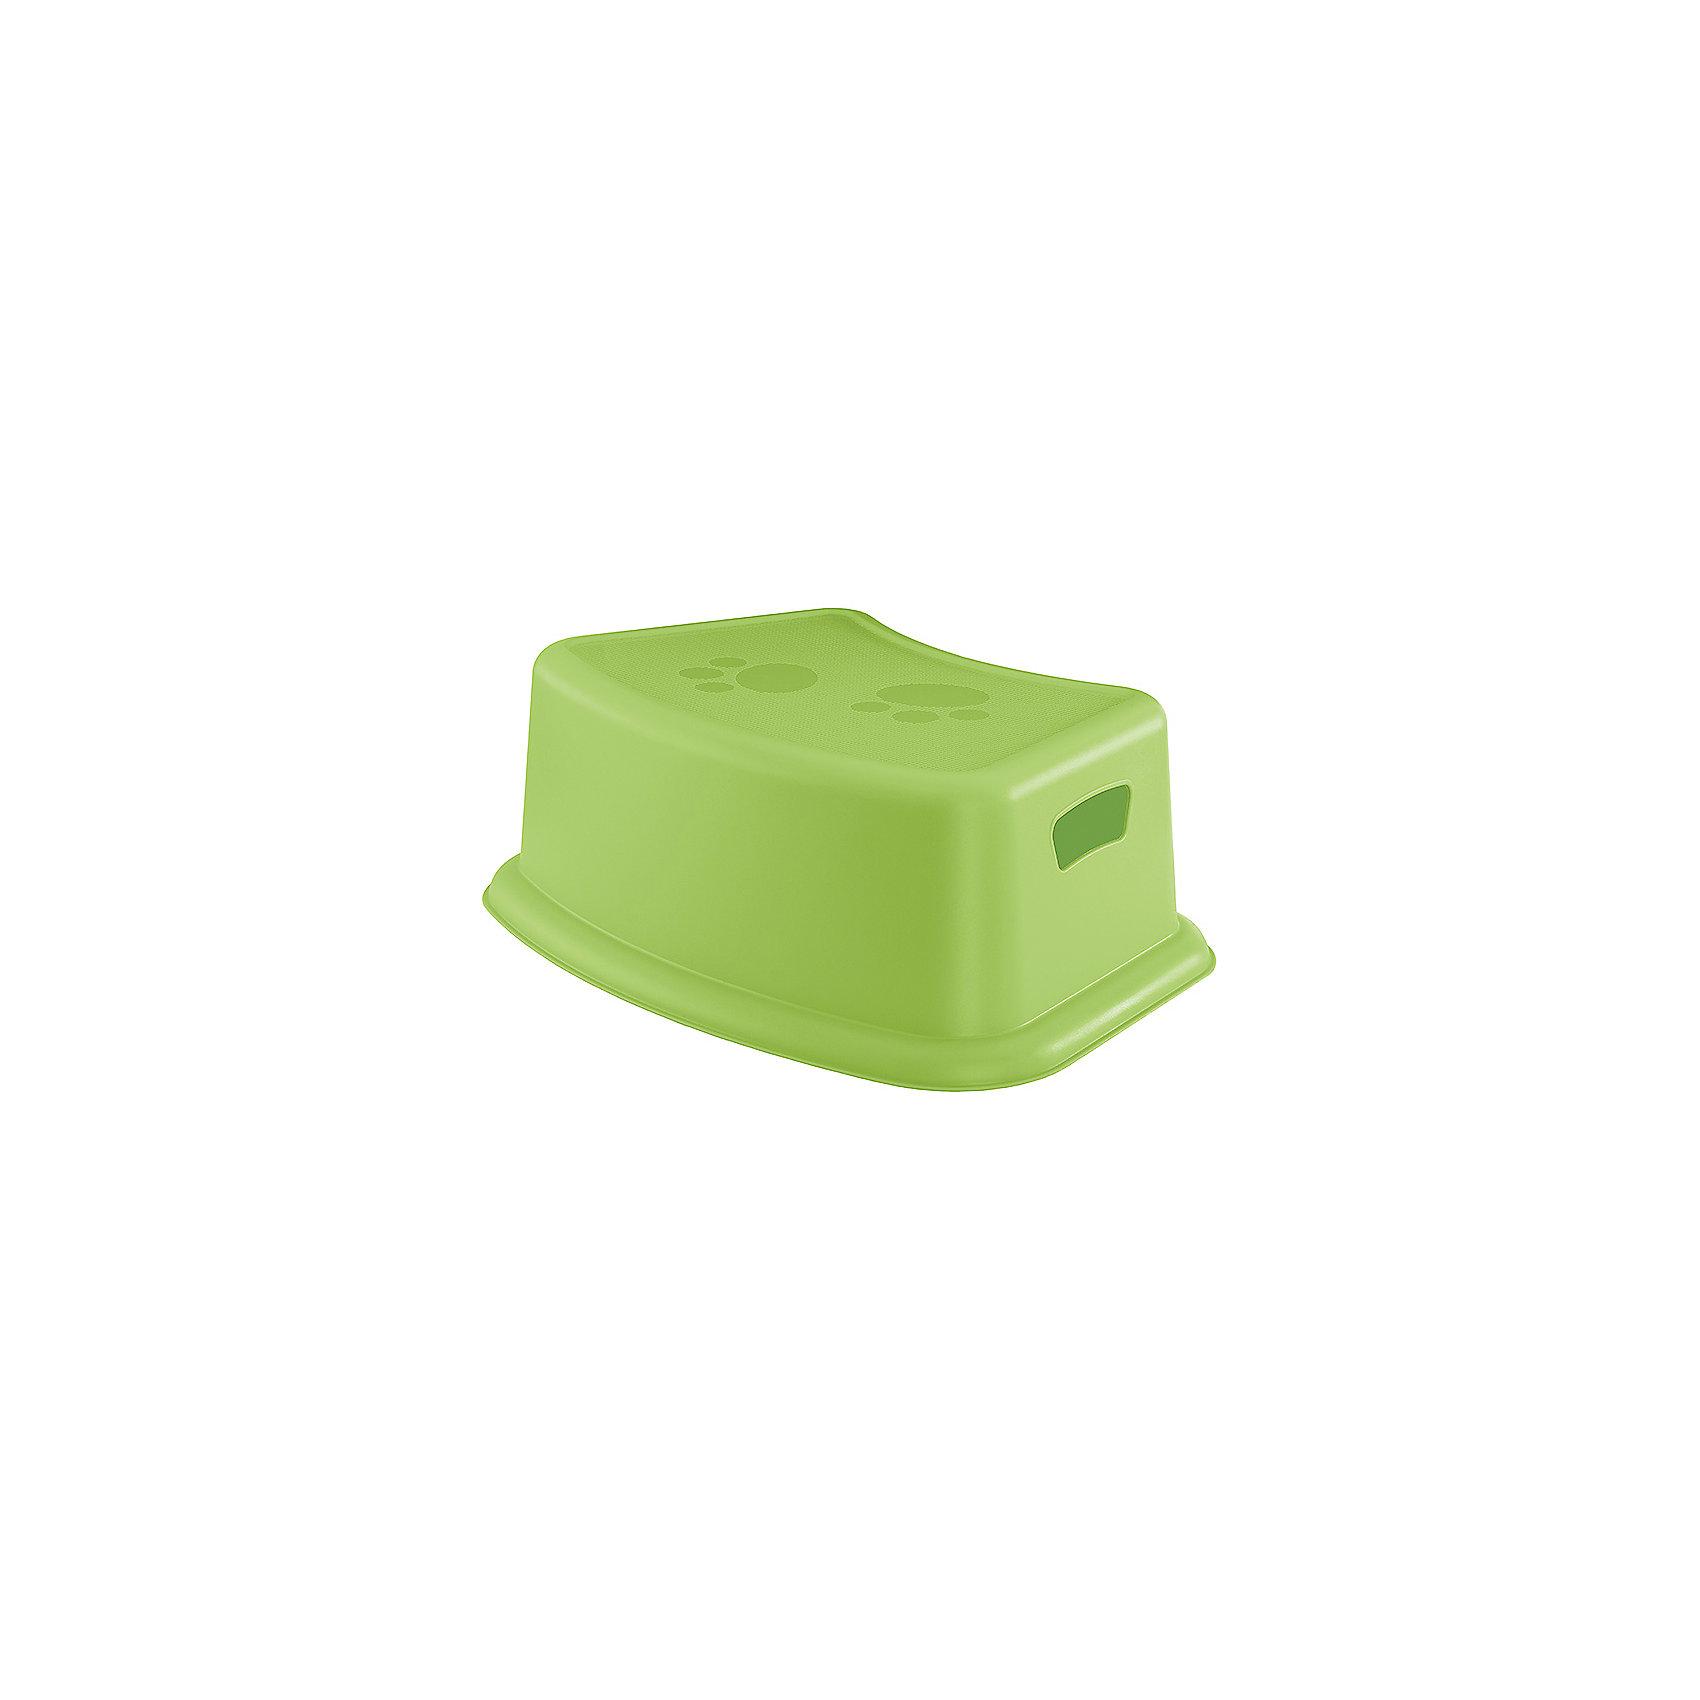 Подставка Пластишка, зеленыйПодставка Пластишка, зеленый - это незаменимый помощник для вашего малыша.<br>Прочная, легкая и удобная в переноске детская подставка - многофункциональный помощник для ребенка. Поможет дотянуться до раковины, унитаза, а также достать любимую игрушку с полки. Малыш сможет самостоятельно передвигать её с места на место, а также использовать как стульчик. Рифленая поверхность (антискользящая) обеспечит безопасность и удобство при использовании. Товар производится из экологически чистого сырья и безопасен для здоровья ребенка.<br><br>Дополнительная информация:<br><br>- Материал: полипропилен<br>- Цвет: зеленый<br>- Размер: 37,5 х 25 x 13 см.<br>- Вес: 345 гр.<br><br>Подставку Пластишка, зеленую можно купить в нашем интернет-магазине.<br><br>Ширина мм: 130<br>Глубина мм: 375<br>Высота мм: 250<br>Вес г: 600<br>Цвет: зеленый<br>Возраст от месяцев: 0<br>Возраст до месяцев: 24<br>Пол: Унисекс<br>Возраст: Детский<br>SKU: 4408461